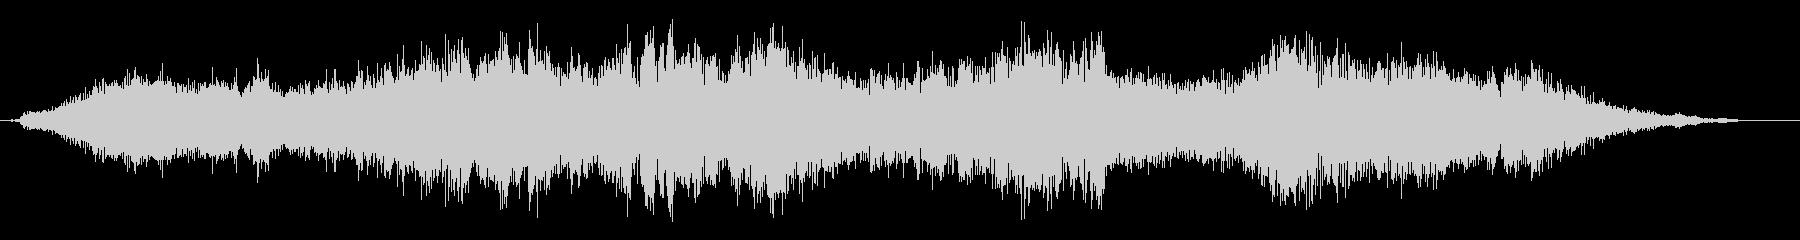 トランジション パッドスイープシズル02の未再生の波形